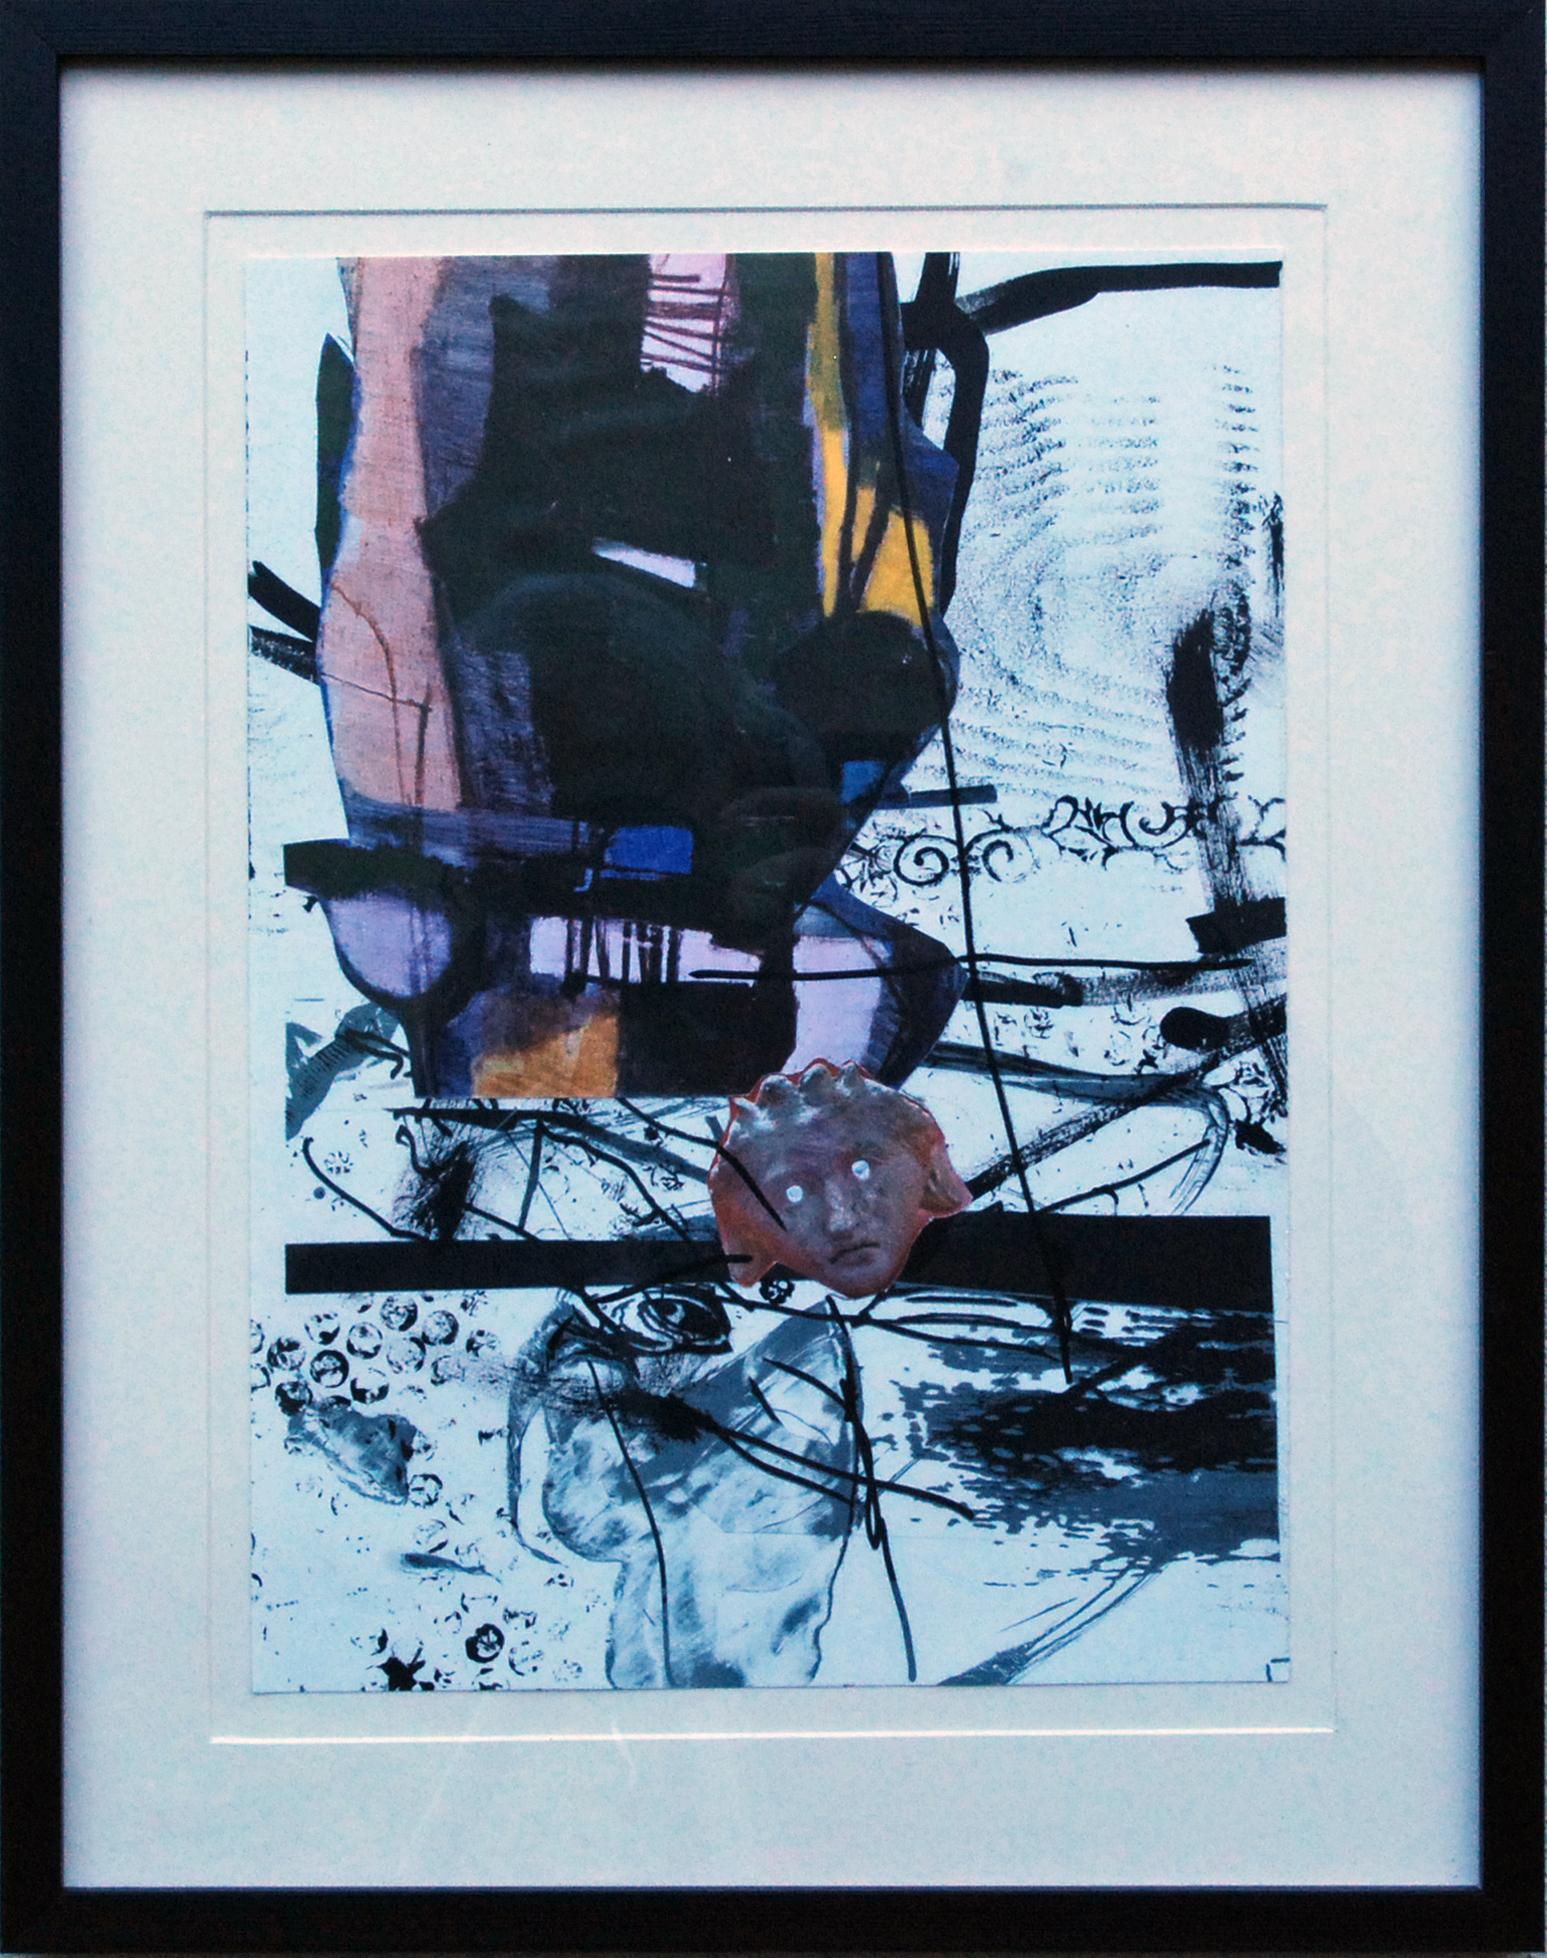 954.-Claus-Carstensen-født-1957